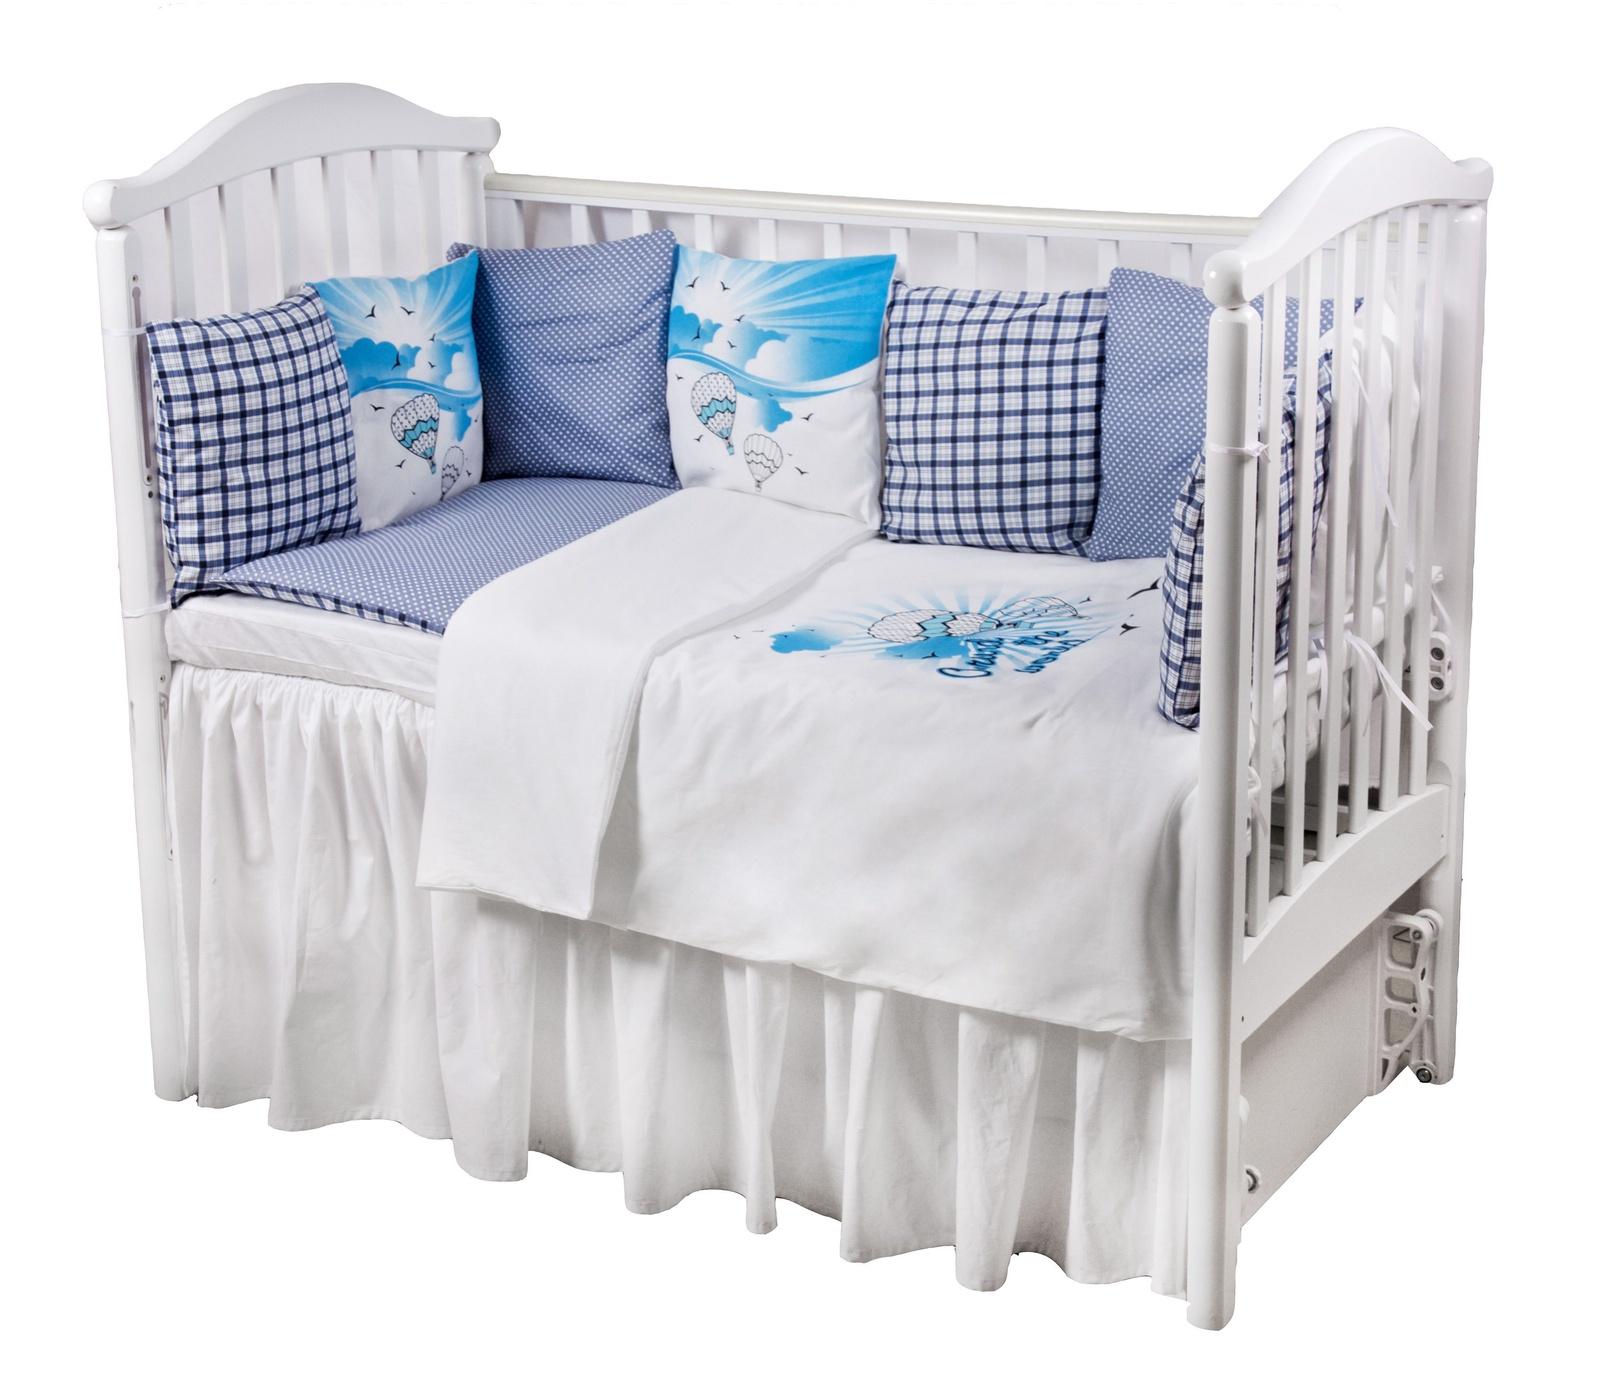 Комплект в кроватку Childberry с защитными бортиками-подушками из 6 предметов